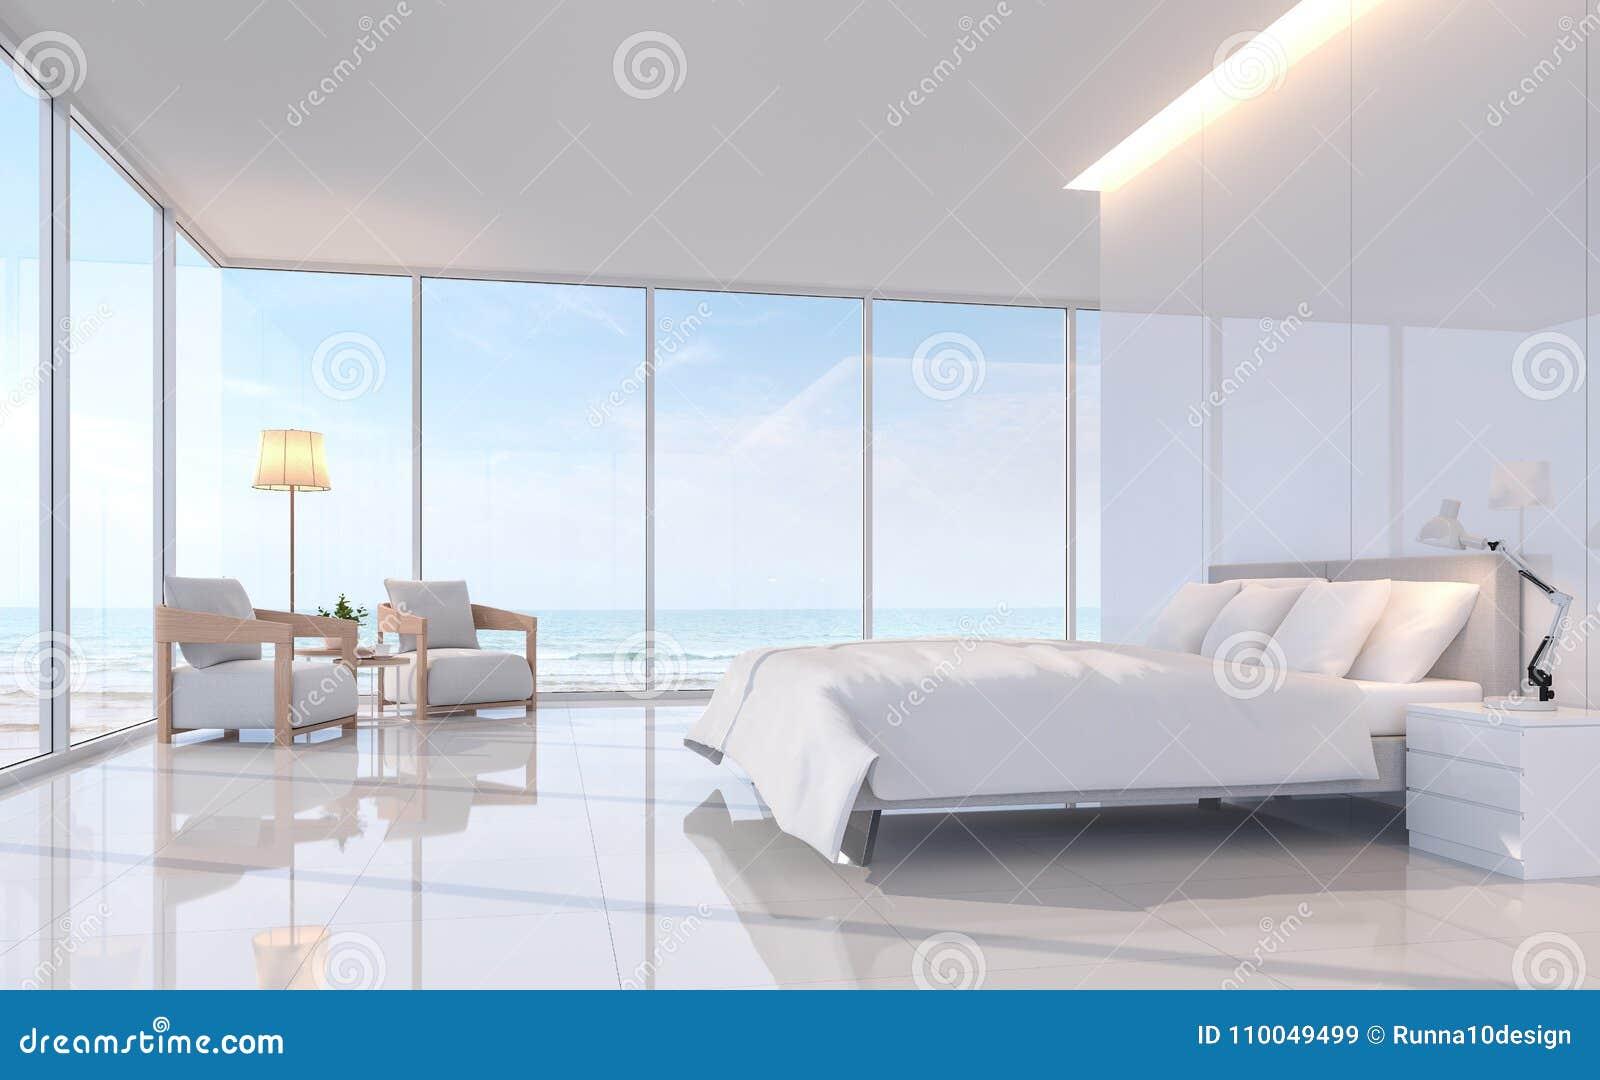 Modernes Weißes Schlafzimmer Mit Wiedergabebild Der Seeansicht 3d ...